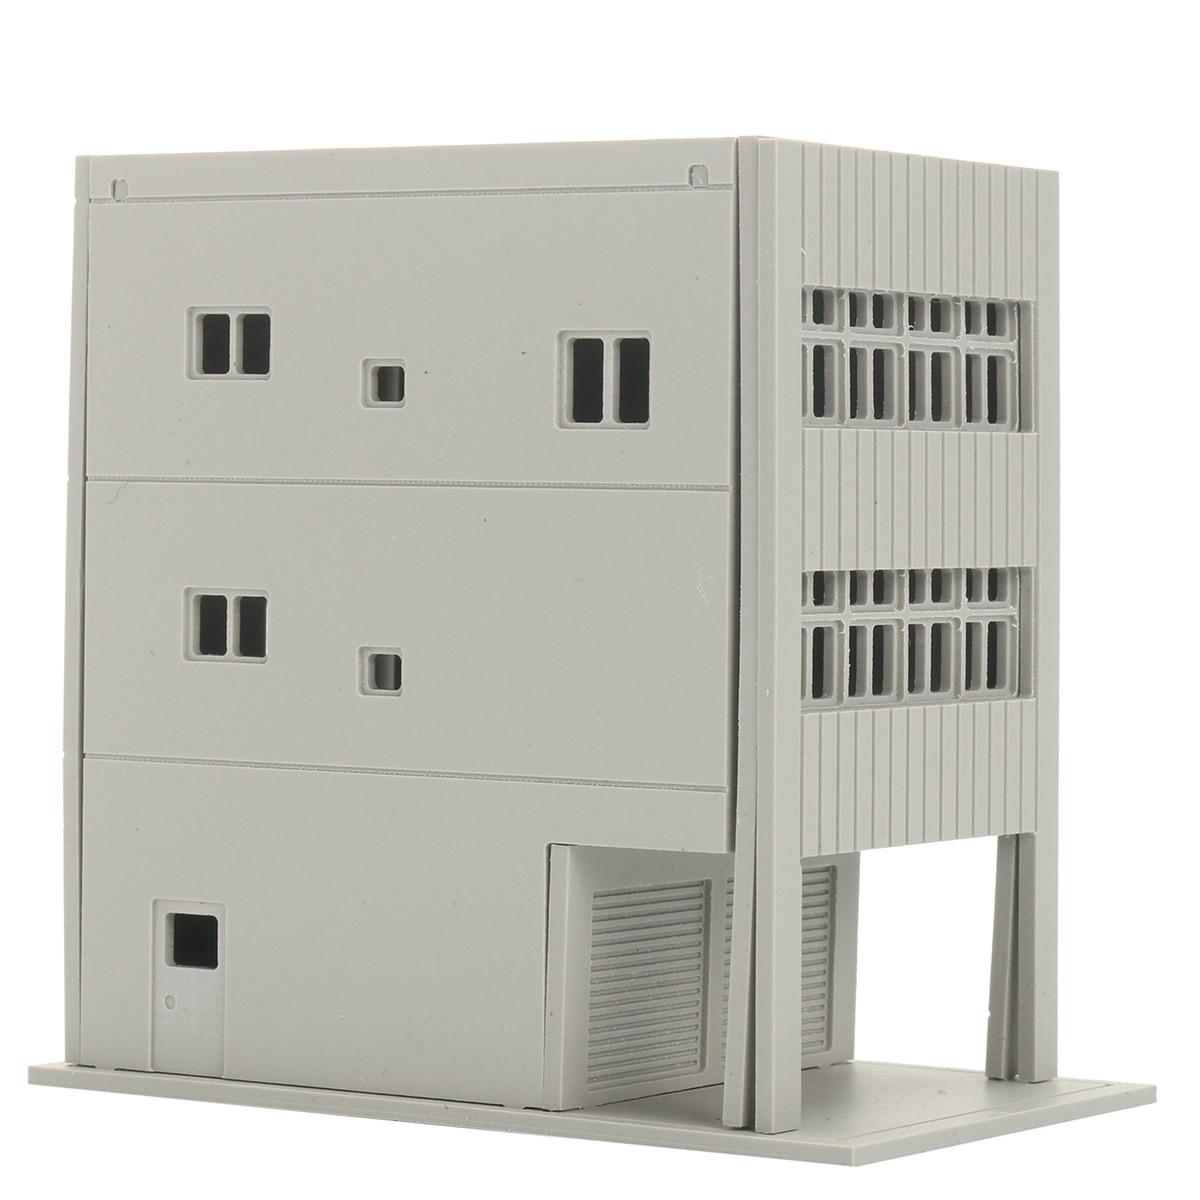 KiWarm DIY 1:150 Three Floors Outland Building Model N Scale Gauge ...